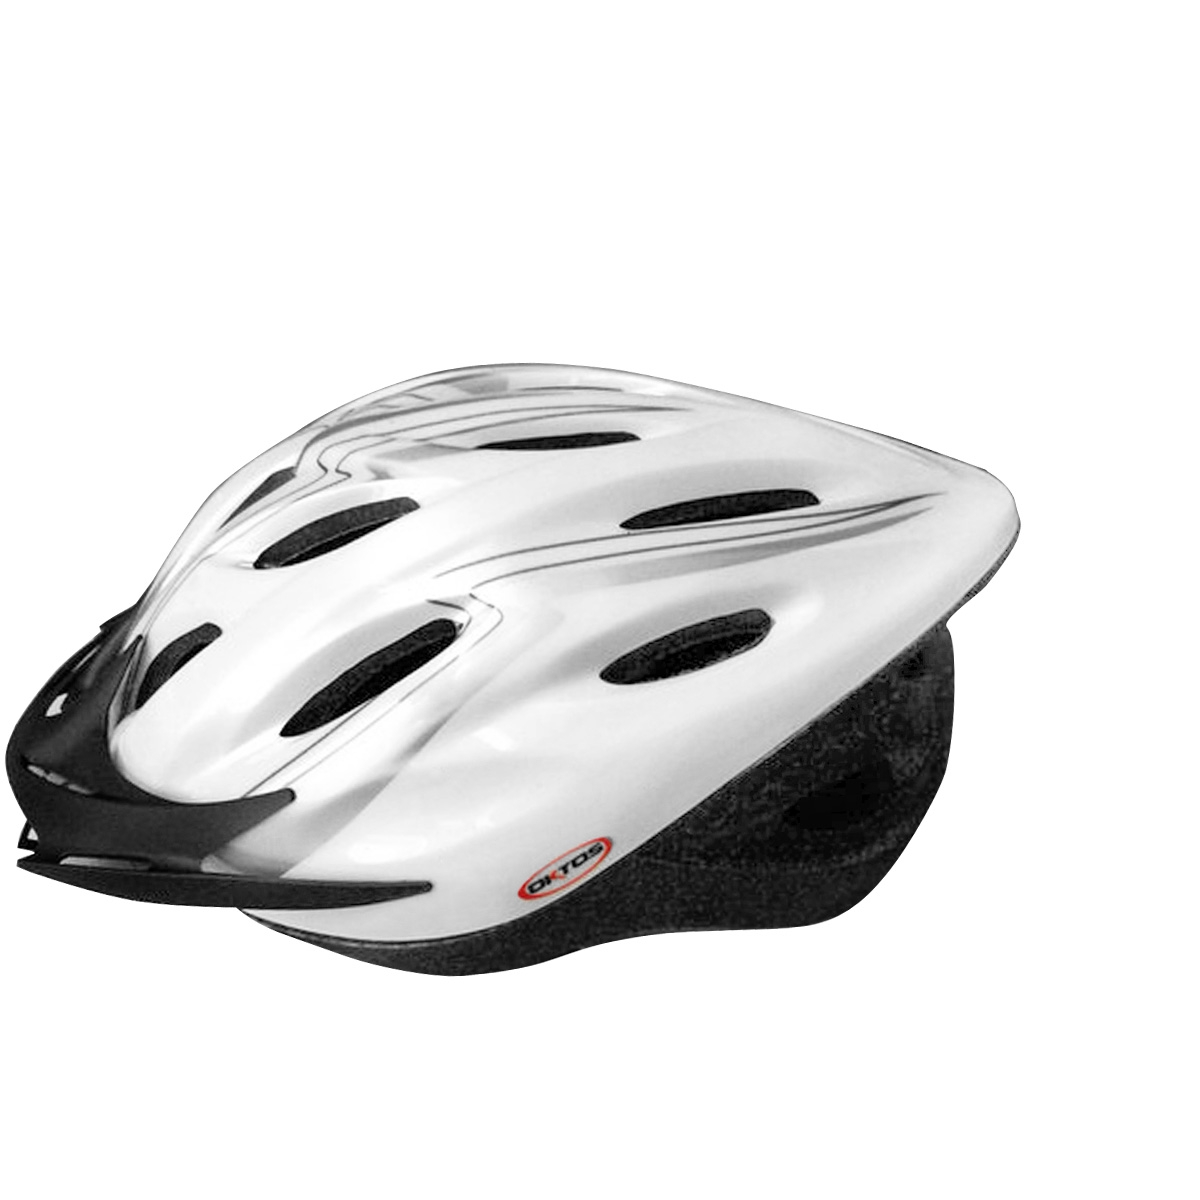 Casque vélo Oktos VTT/VTC Blanc/Gris - 54/59